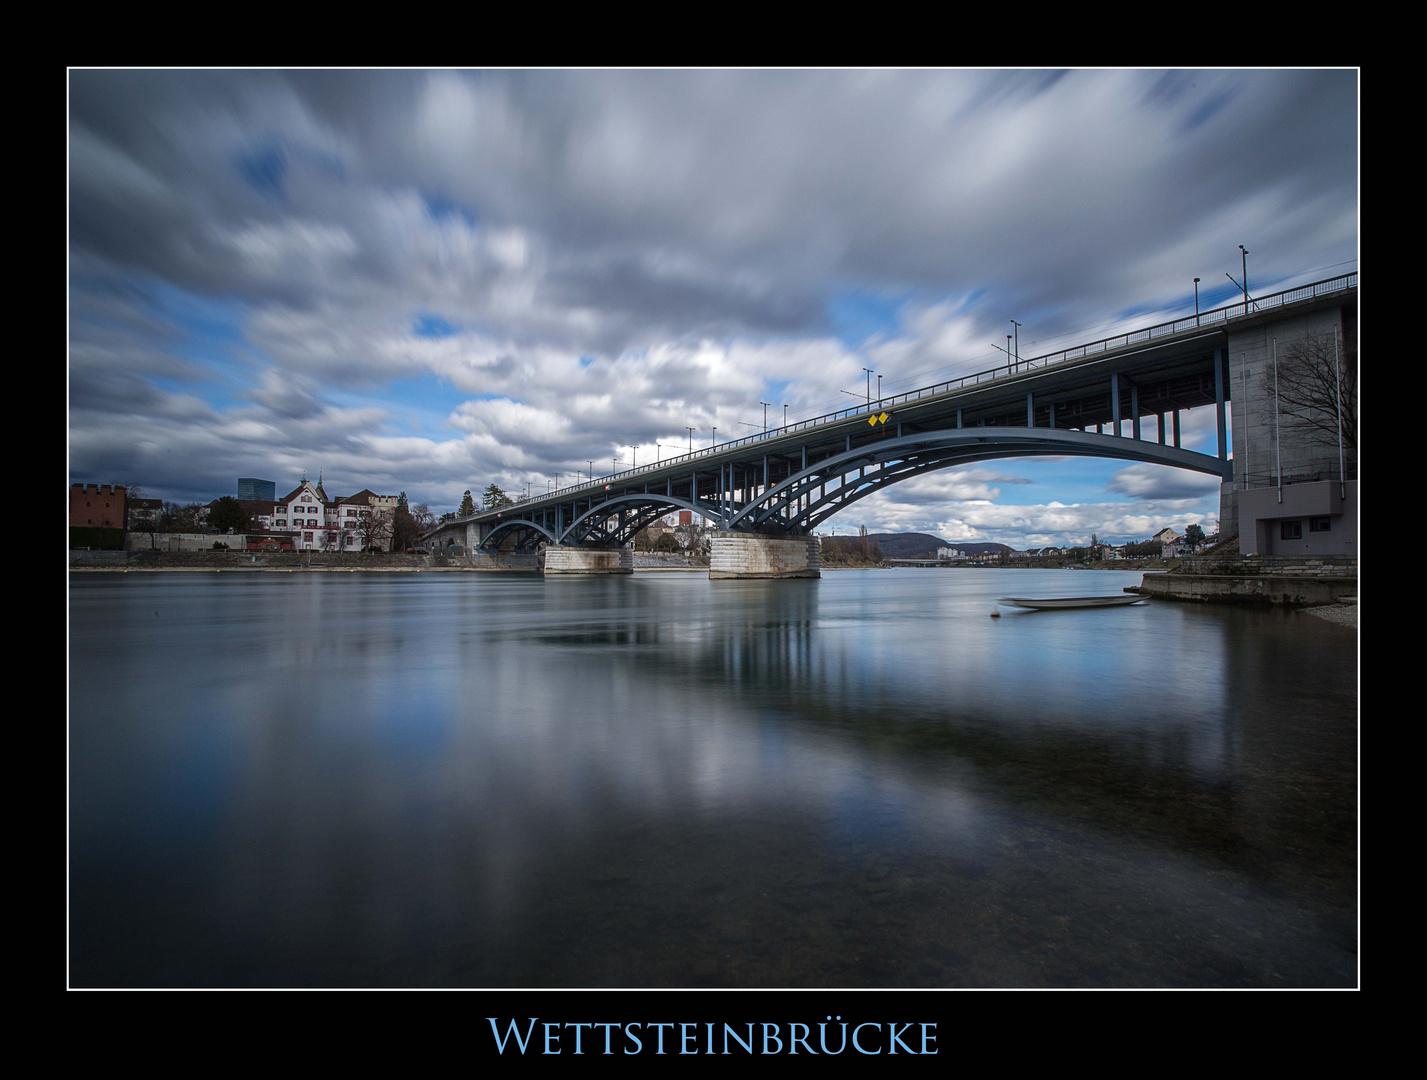 Wettstein - Brücke